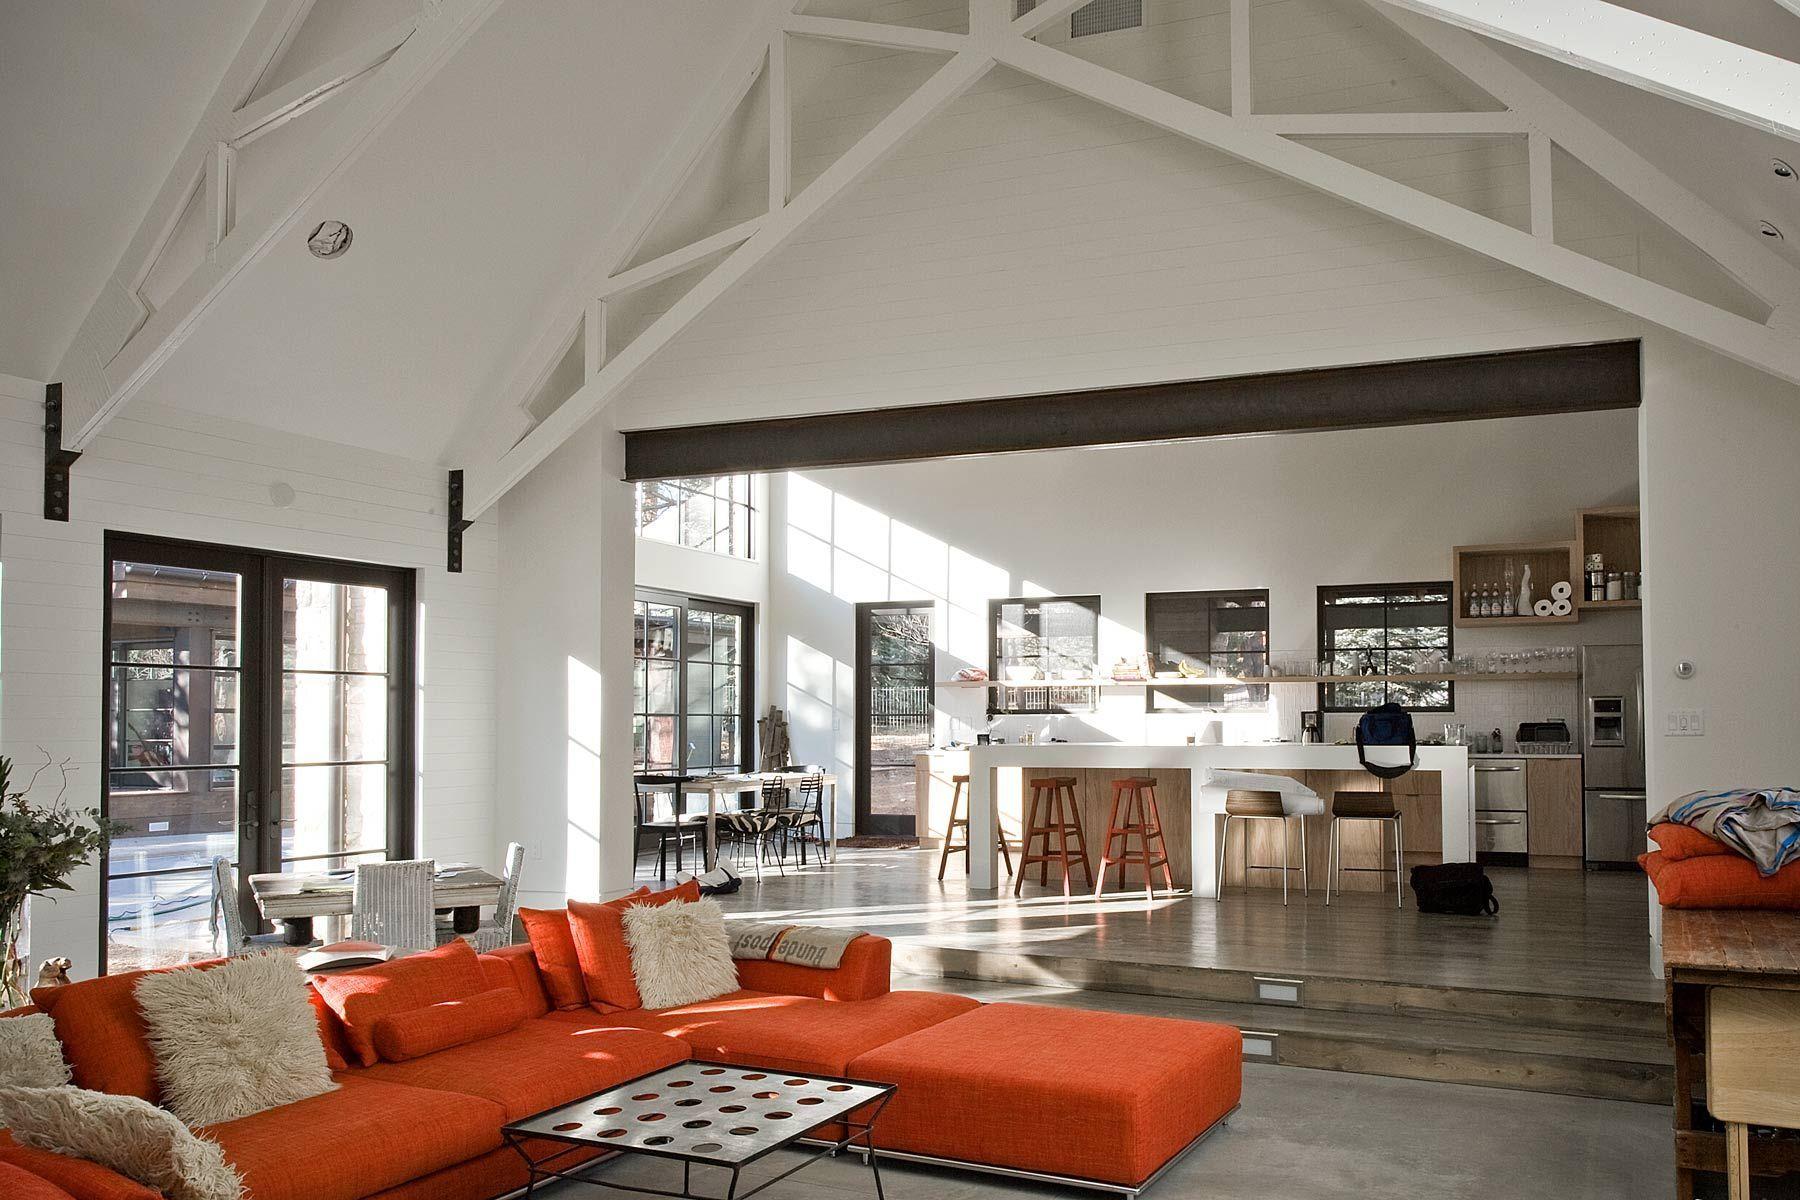 Moderne Traditionele Woonkamer : Trapje tussen keuken woonkamer is erg leuk! hoge plafonds open